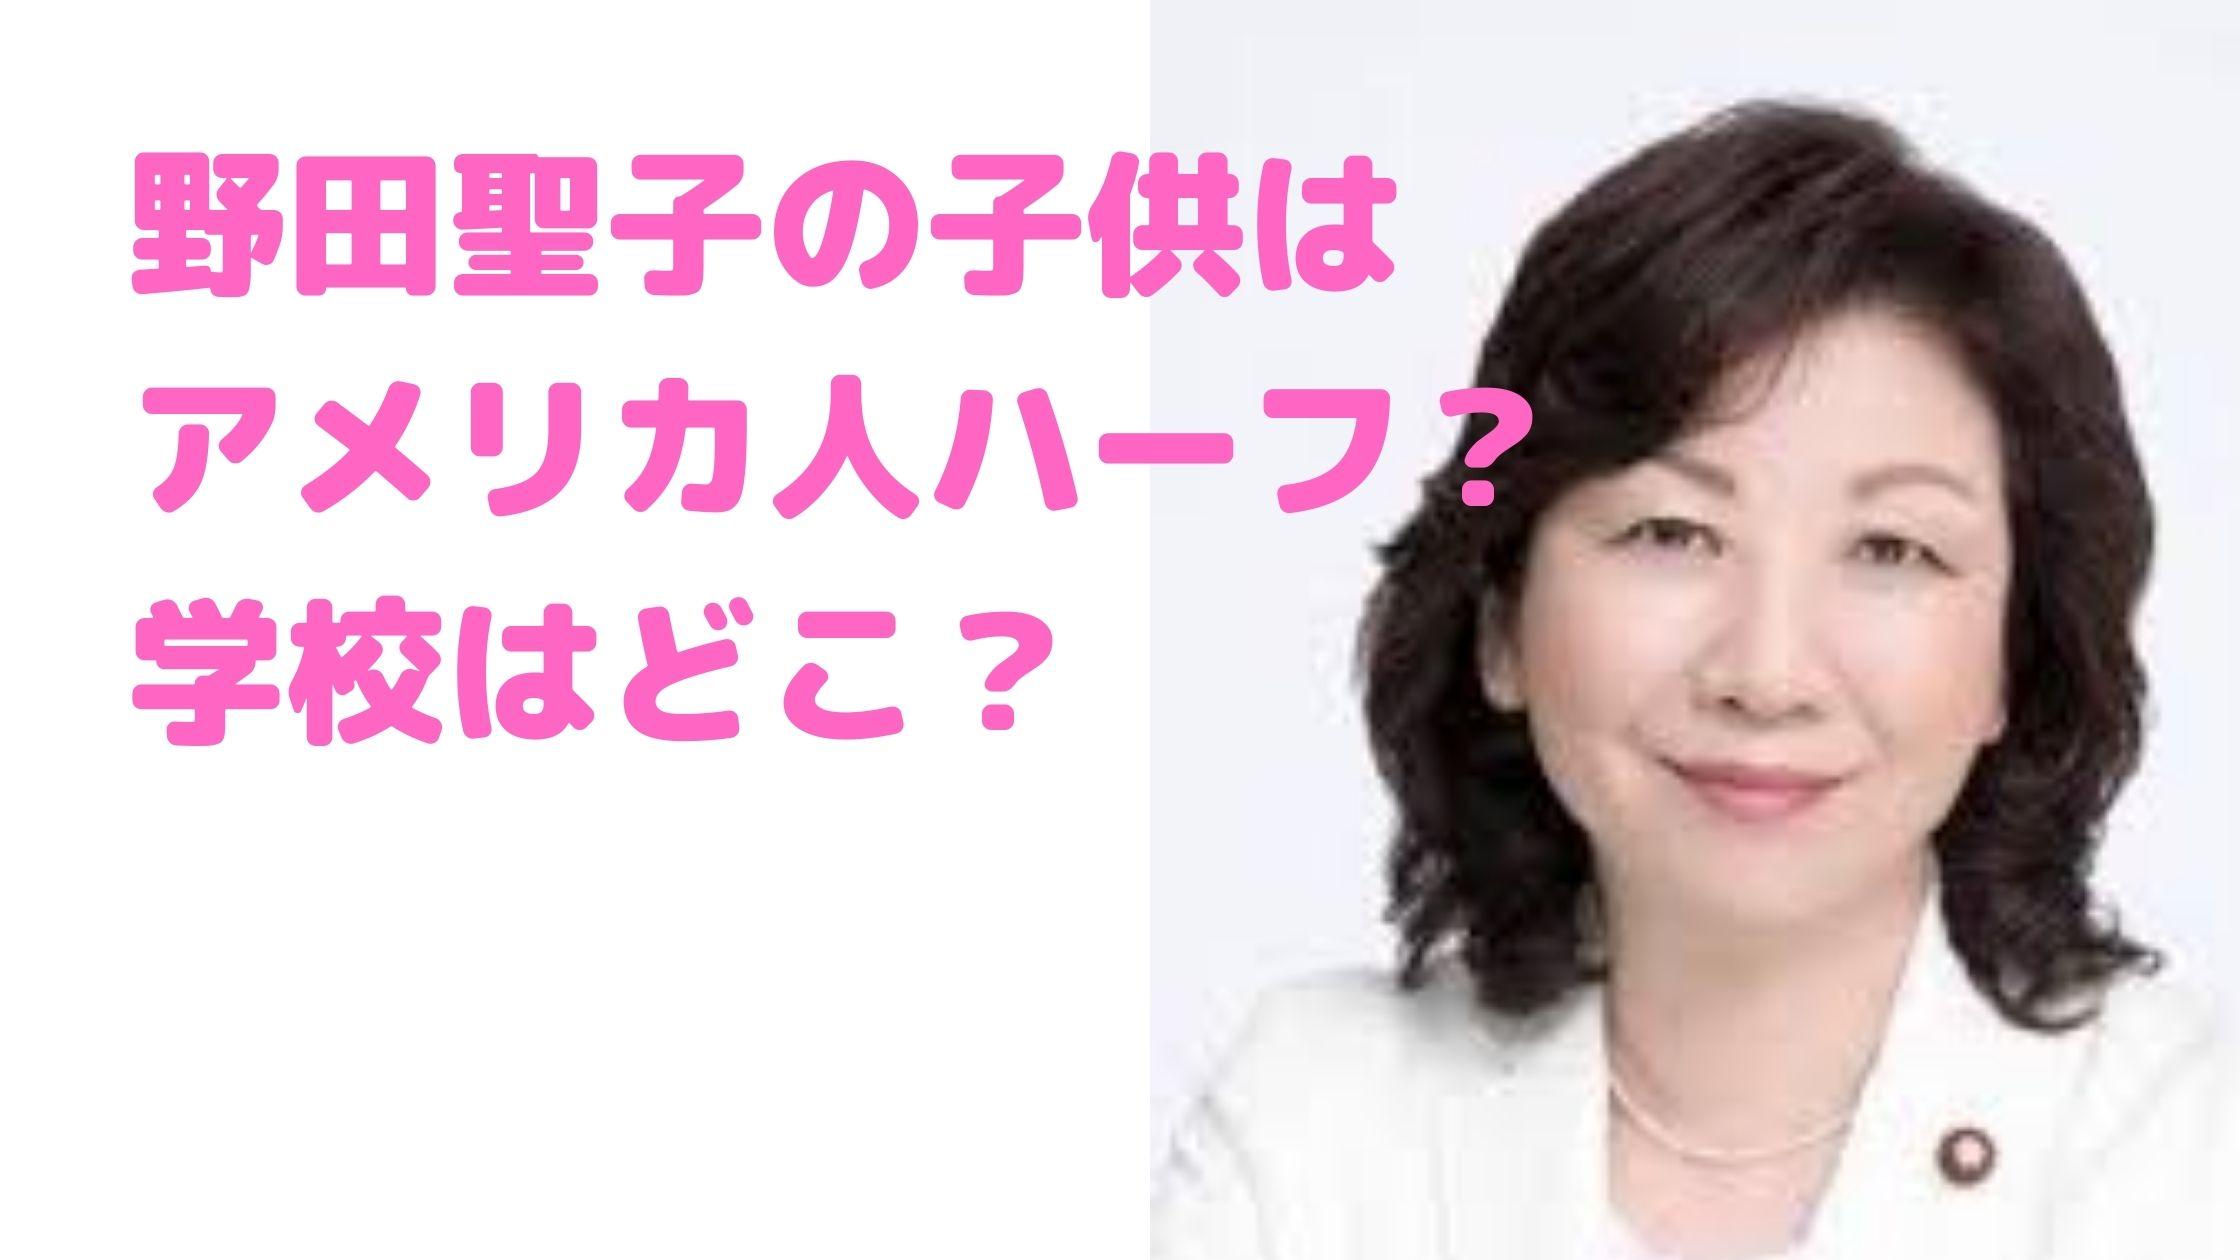 野田聖子 子供 ハーフ 胃ろう 障害 学校